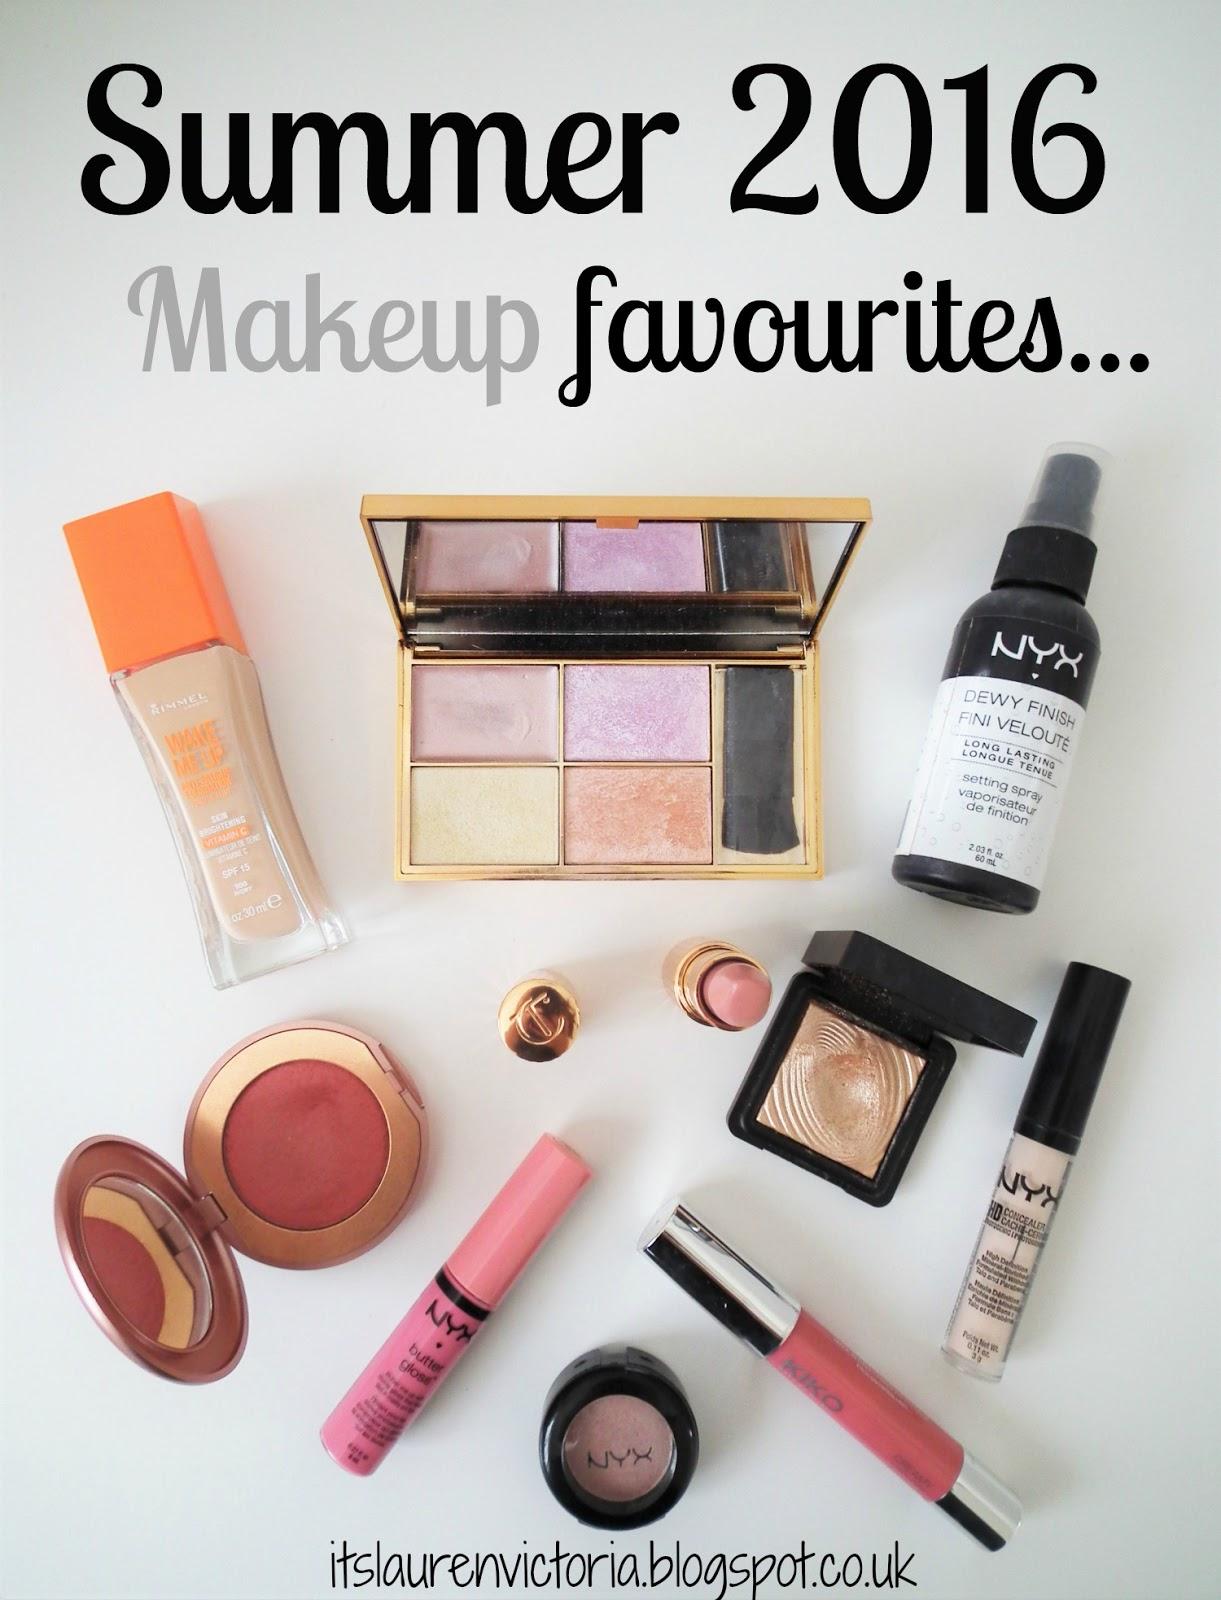 Summer 2016 Makeup Favourites Pinterest